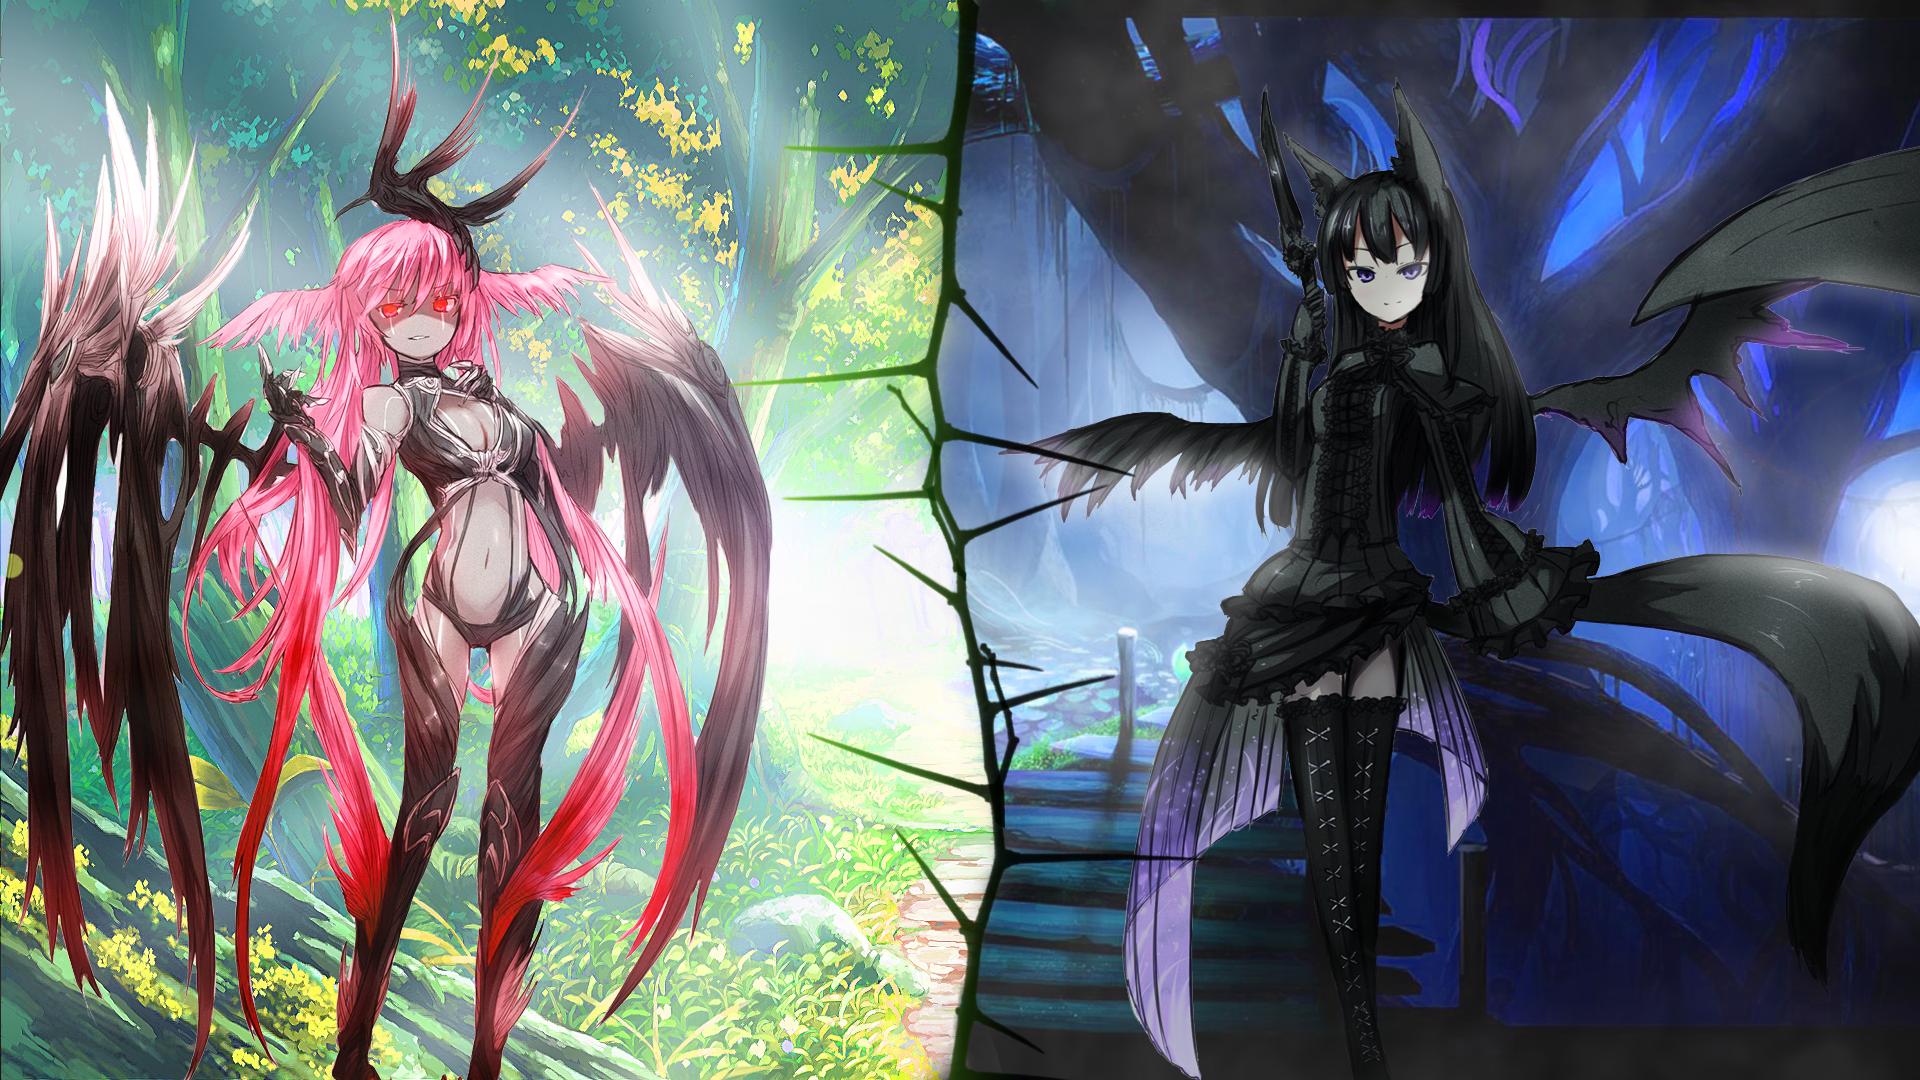 Demon Girls Wallpaper By Oolimekilnoo Demon Girls Wallpaper By Oolimekilnoo